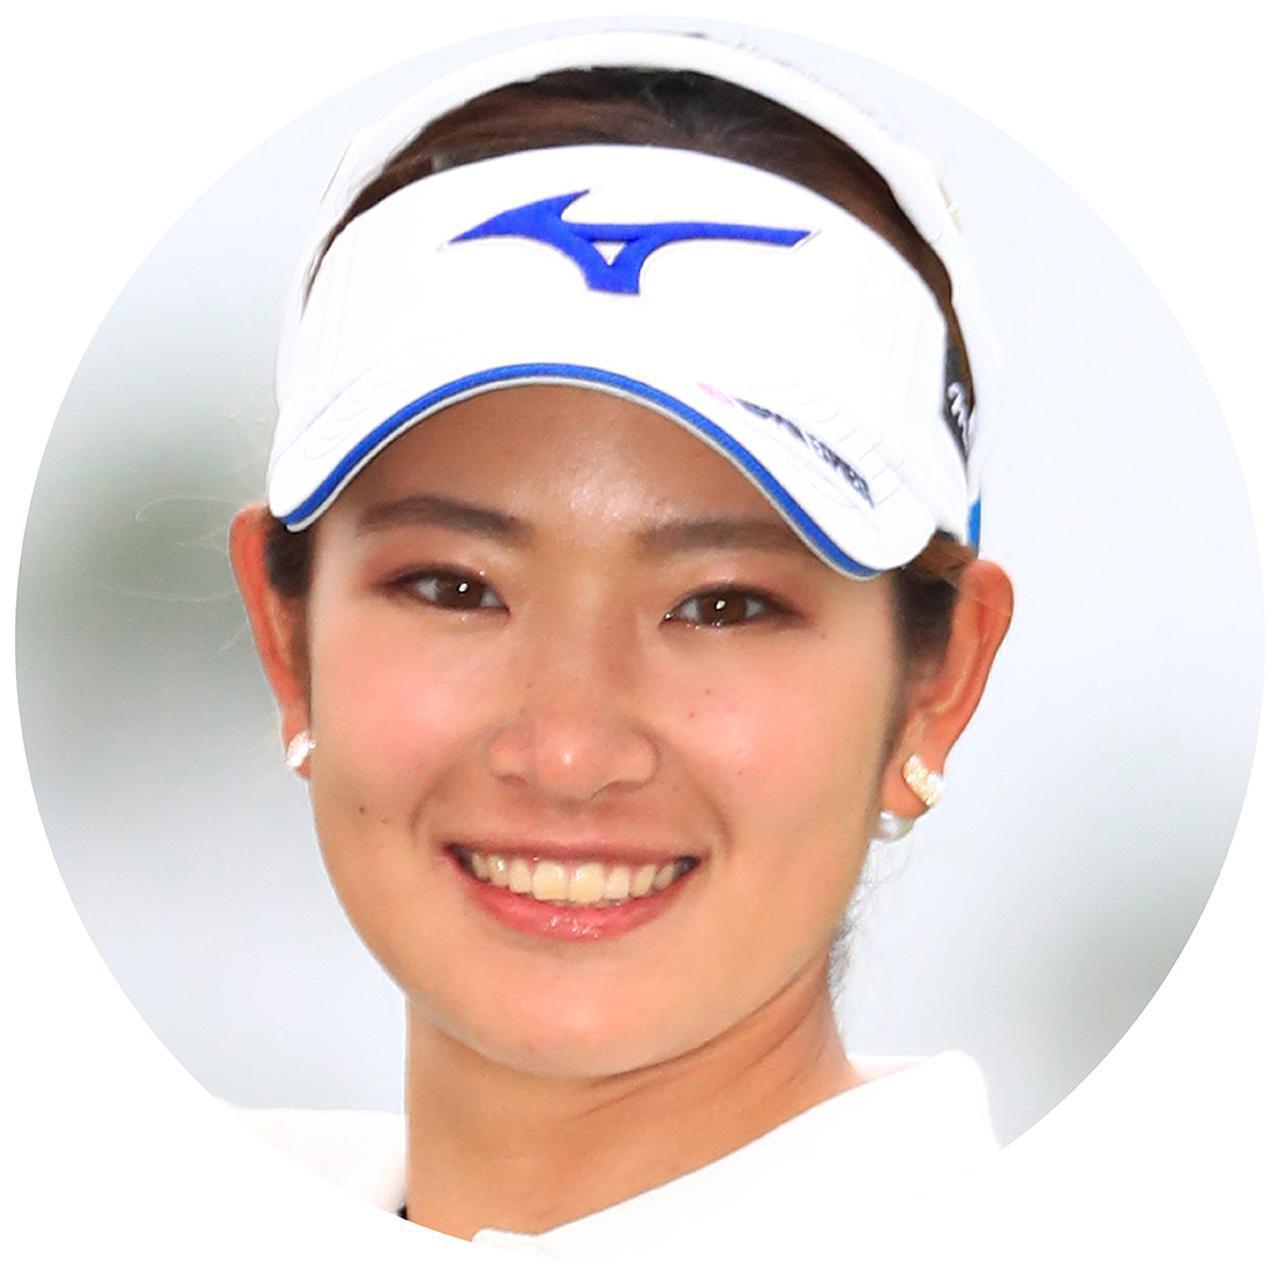 画像: 原英莉花 1999年2月生まれ。神奈川県出身。10歳からゴルフを始め、15年から尾崎将司の指導を仰ぐ。18年、ステップアップツアーで2勝し、プロテストに合格。19年「リゾートトラストレディス」でツアー初優勝。国内女子プロのなかではフィジカル面が群を抜いており、海外での活躍が待たれている